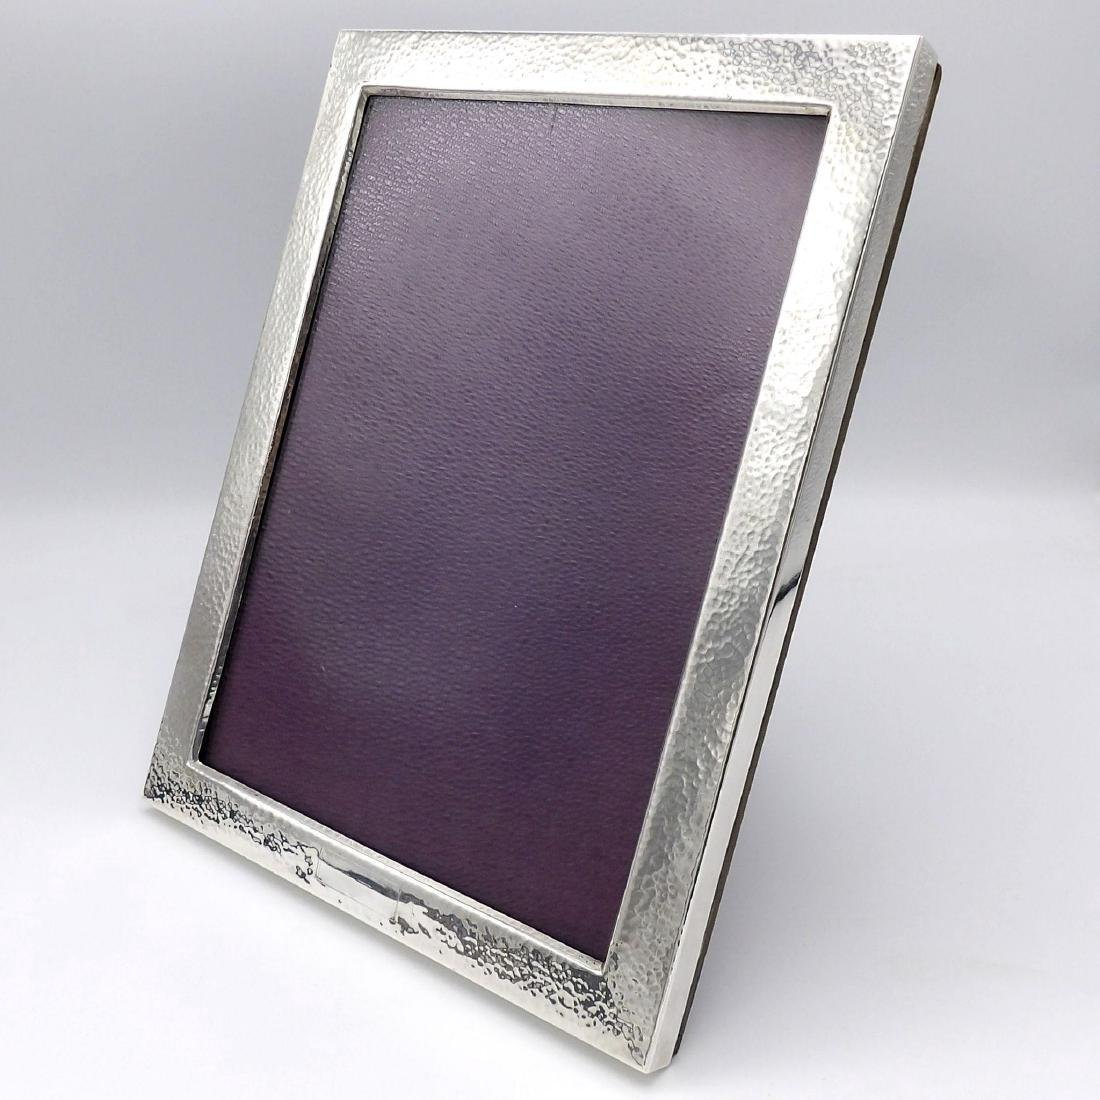 Vintage Arts & Crafts Hammered Sterling Silver Frame